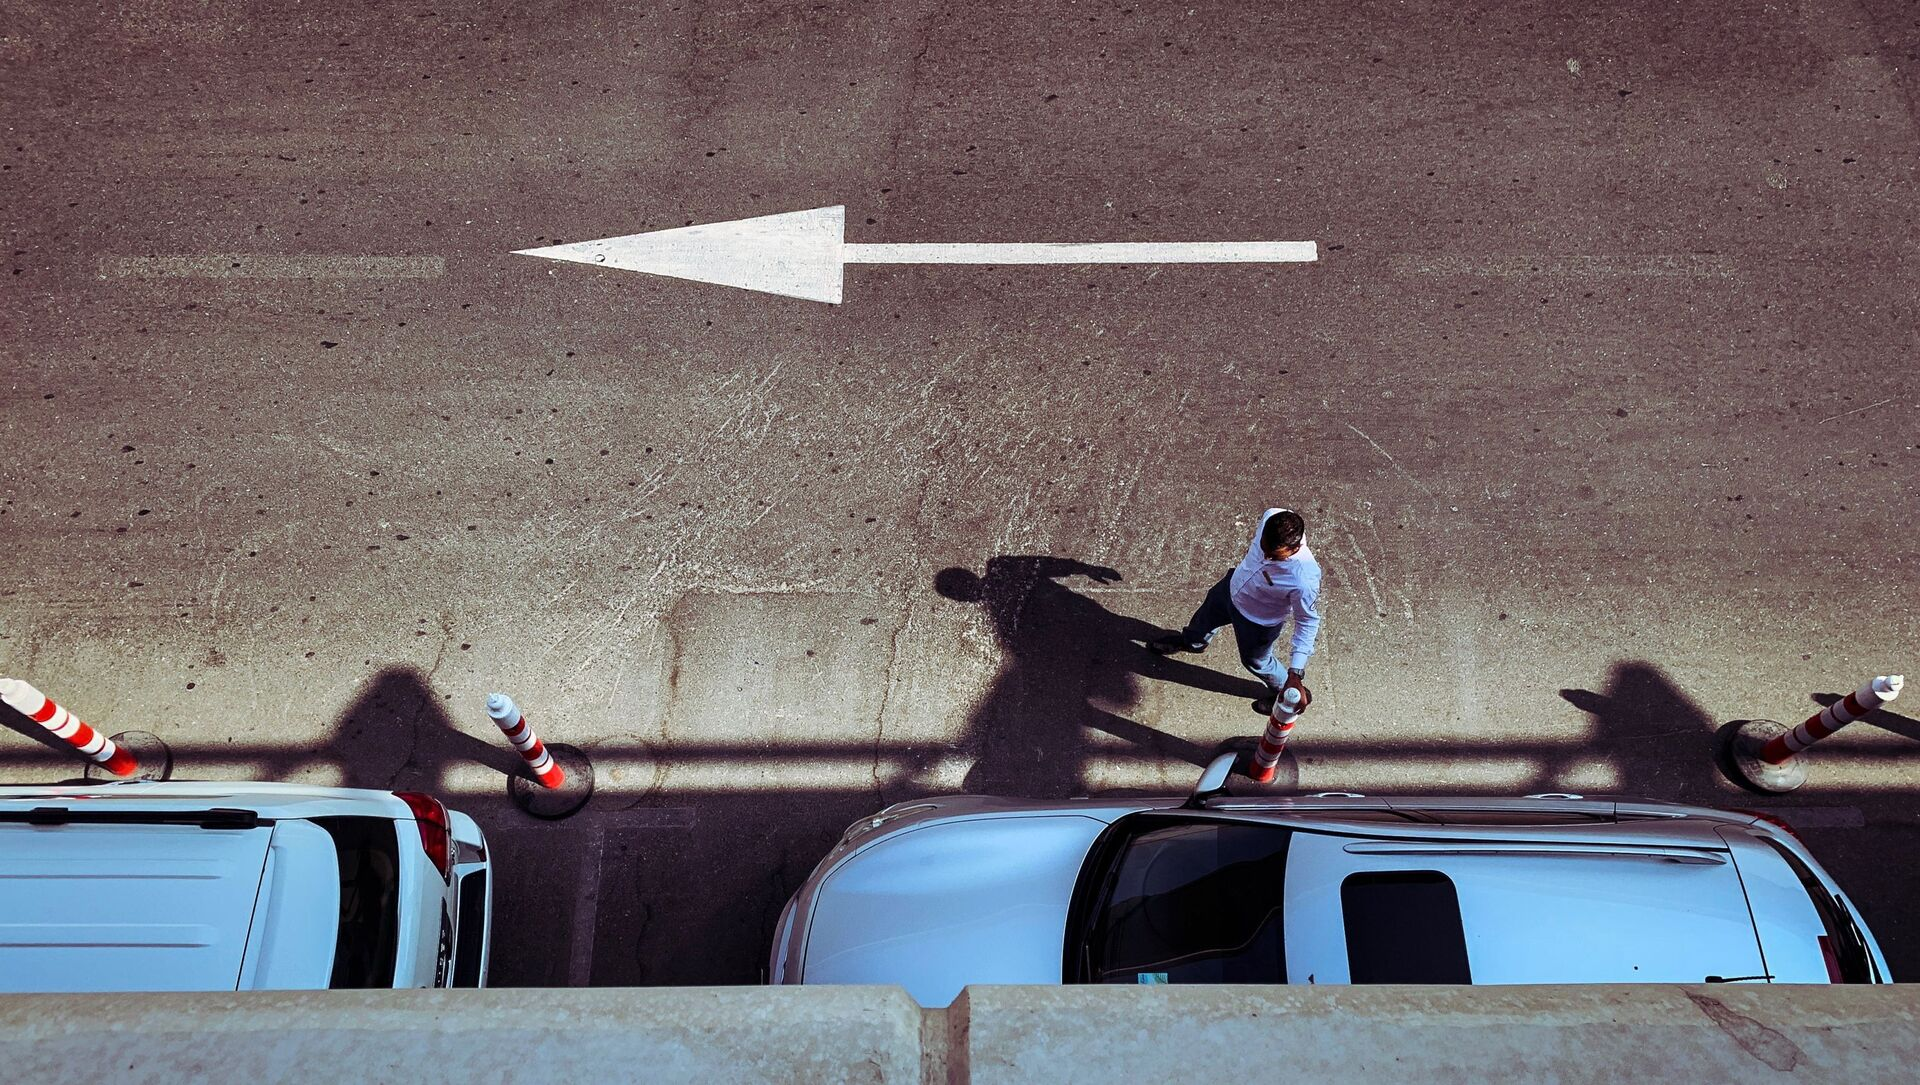 Un homme près d'une voiture, image d'illustration - Sputnik France, 1920, 24.08.2021